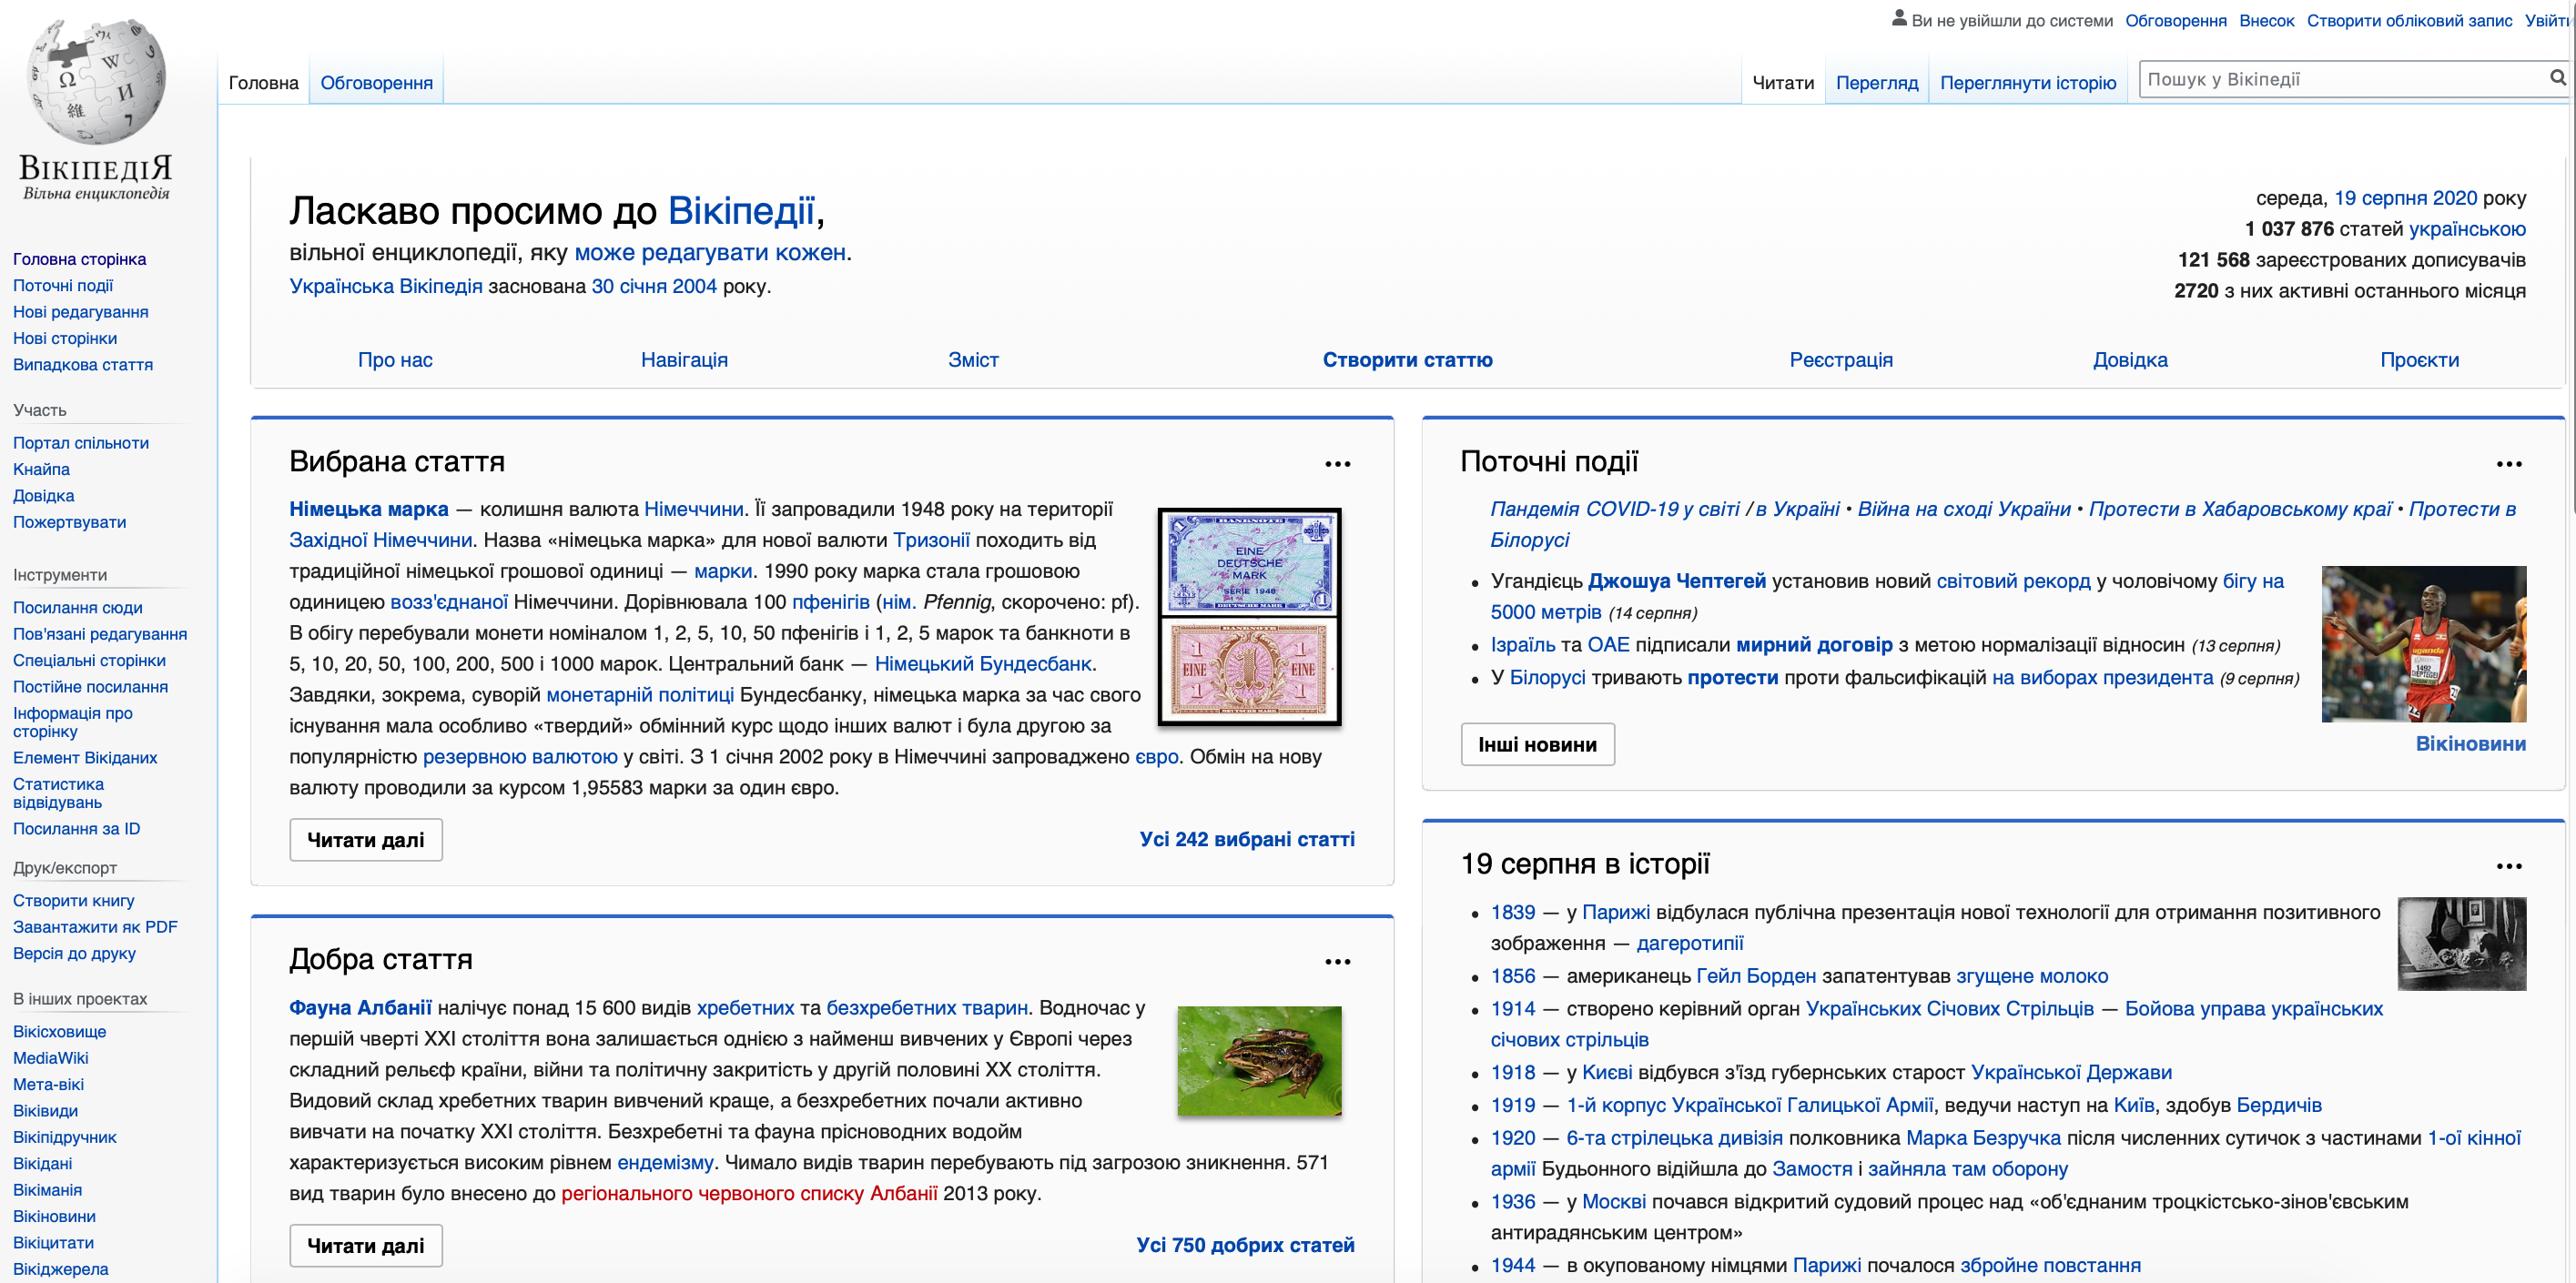 Українська «Вікіпедія» змінила дизайн. Його запропонував один із дописувачів - news